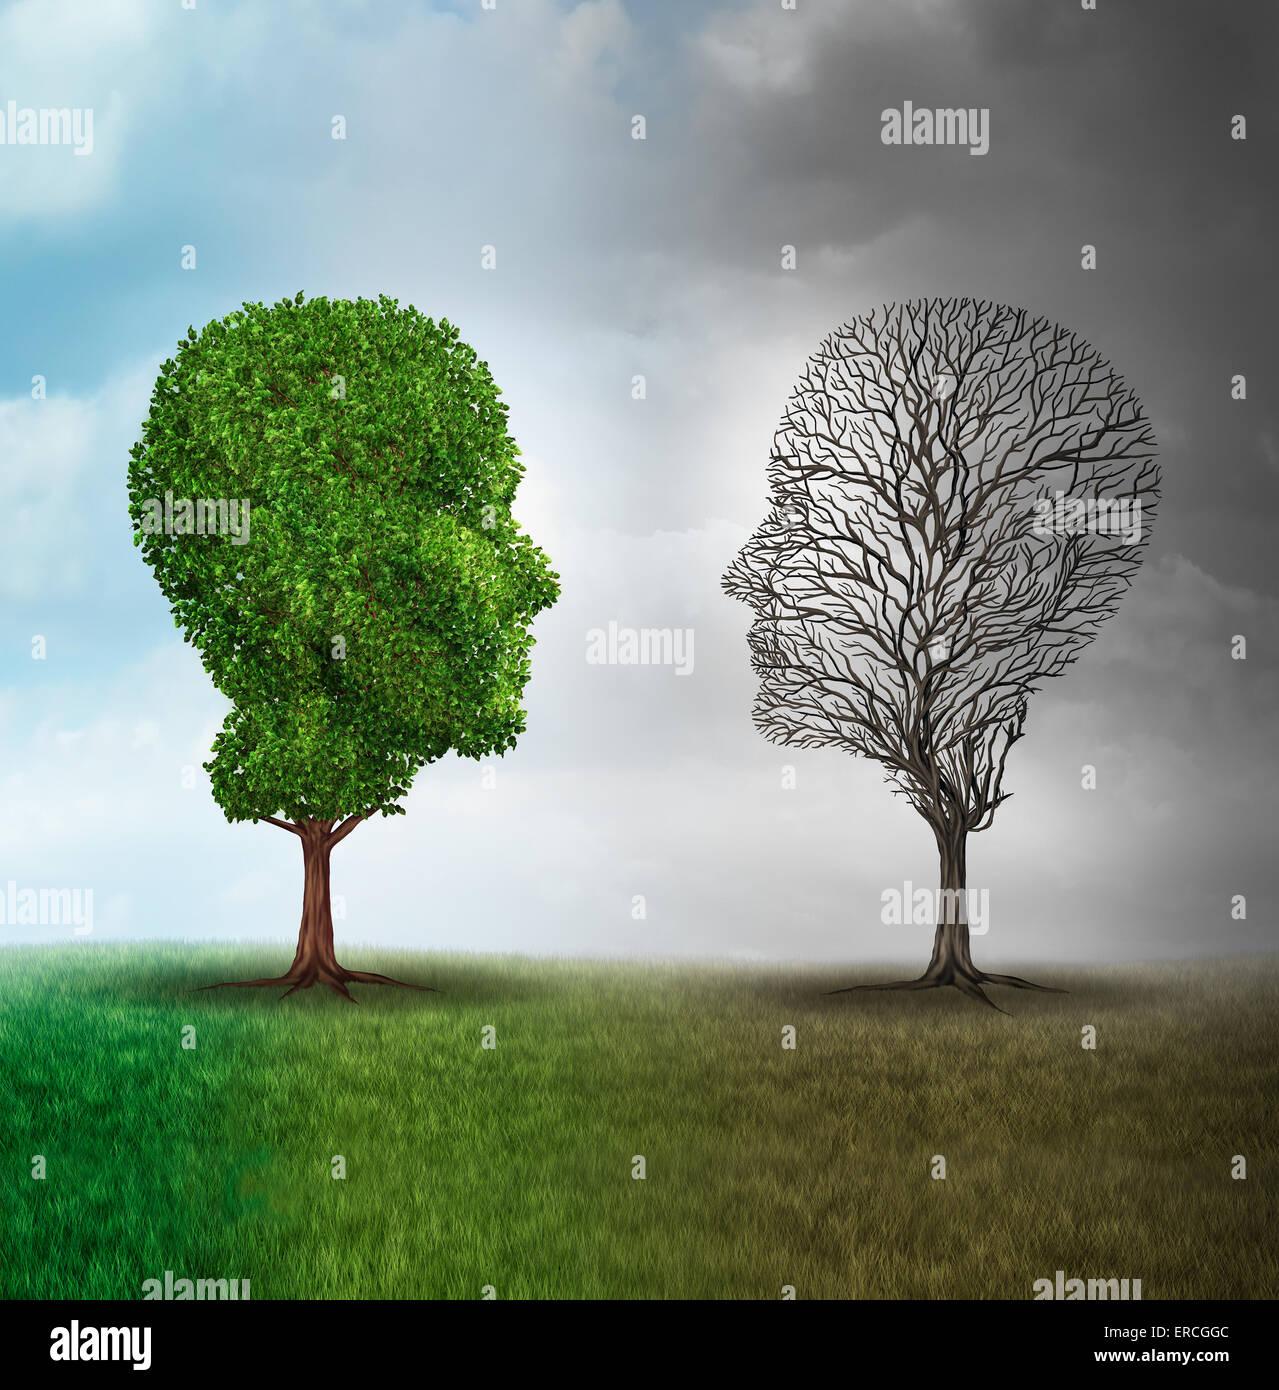 Stato d'animo umano ed emozione disordine nozione come un albero a forma di due volti umani con una metà Immagini Stock